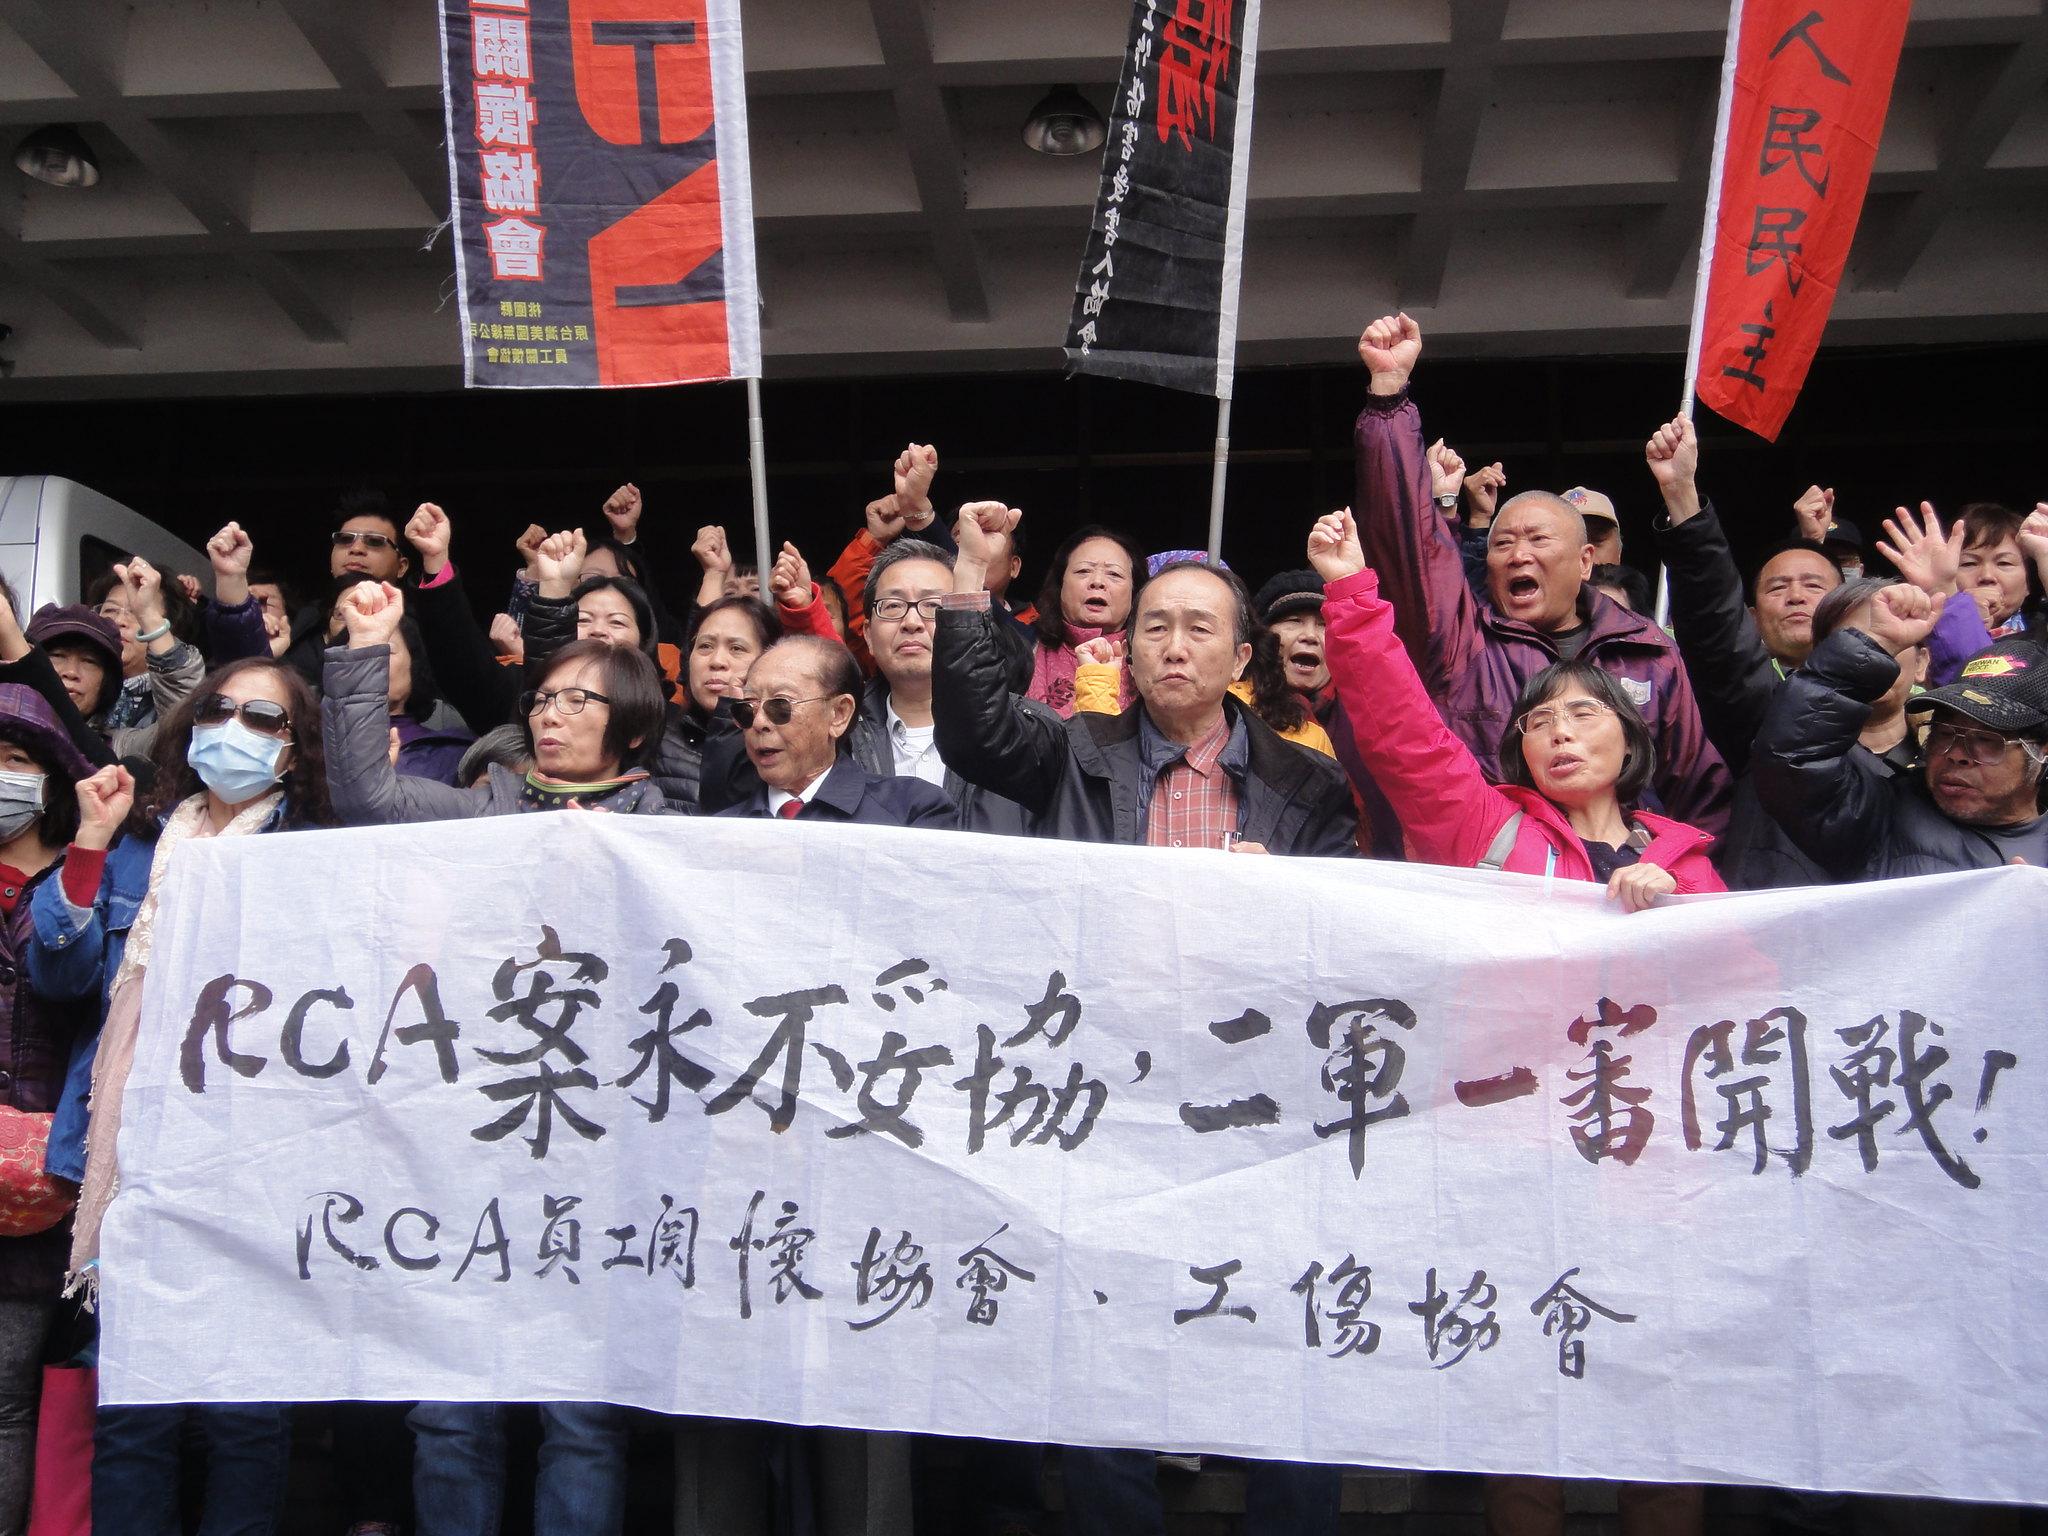 RCA關懷協會成立二軍提出訴訟,今天首度開庭。(攝影:張智琦)